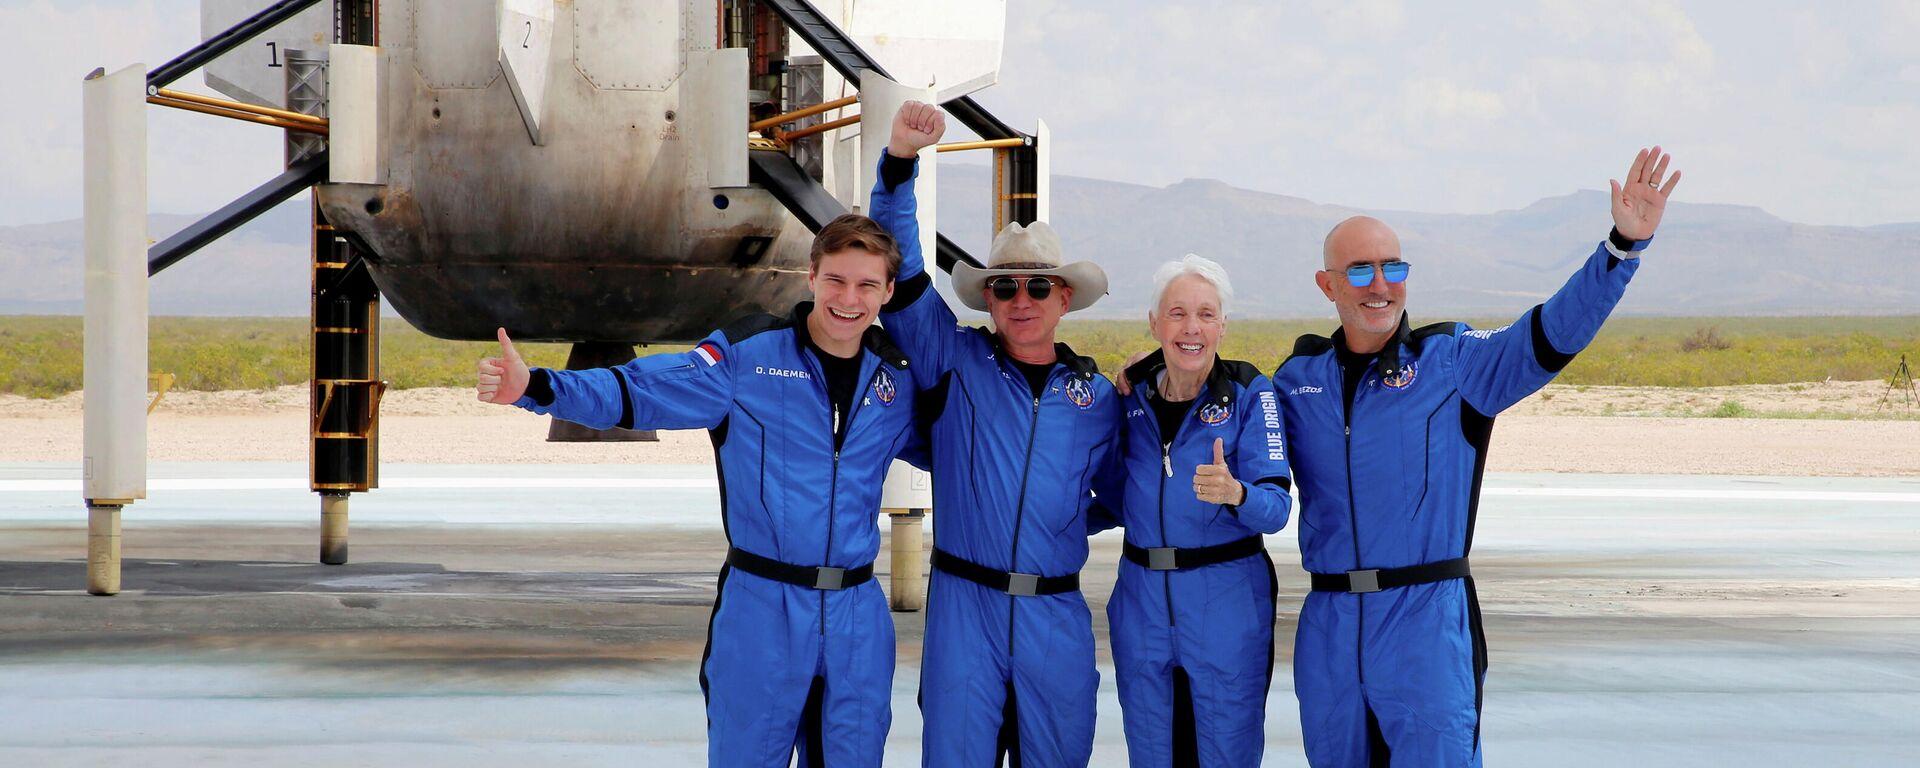 Multimillonario Jeff Bezos (2ndo de izqrda) con sus compañeros del viaje espacial - Sputnik Mundo, 1920, 28.07.2021